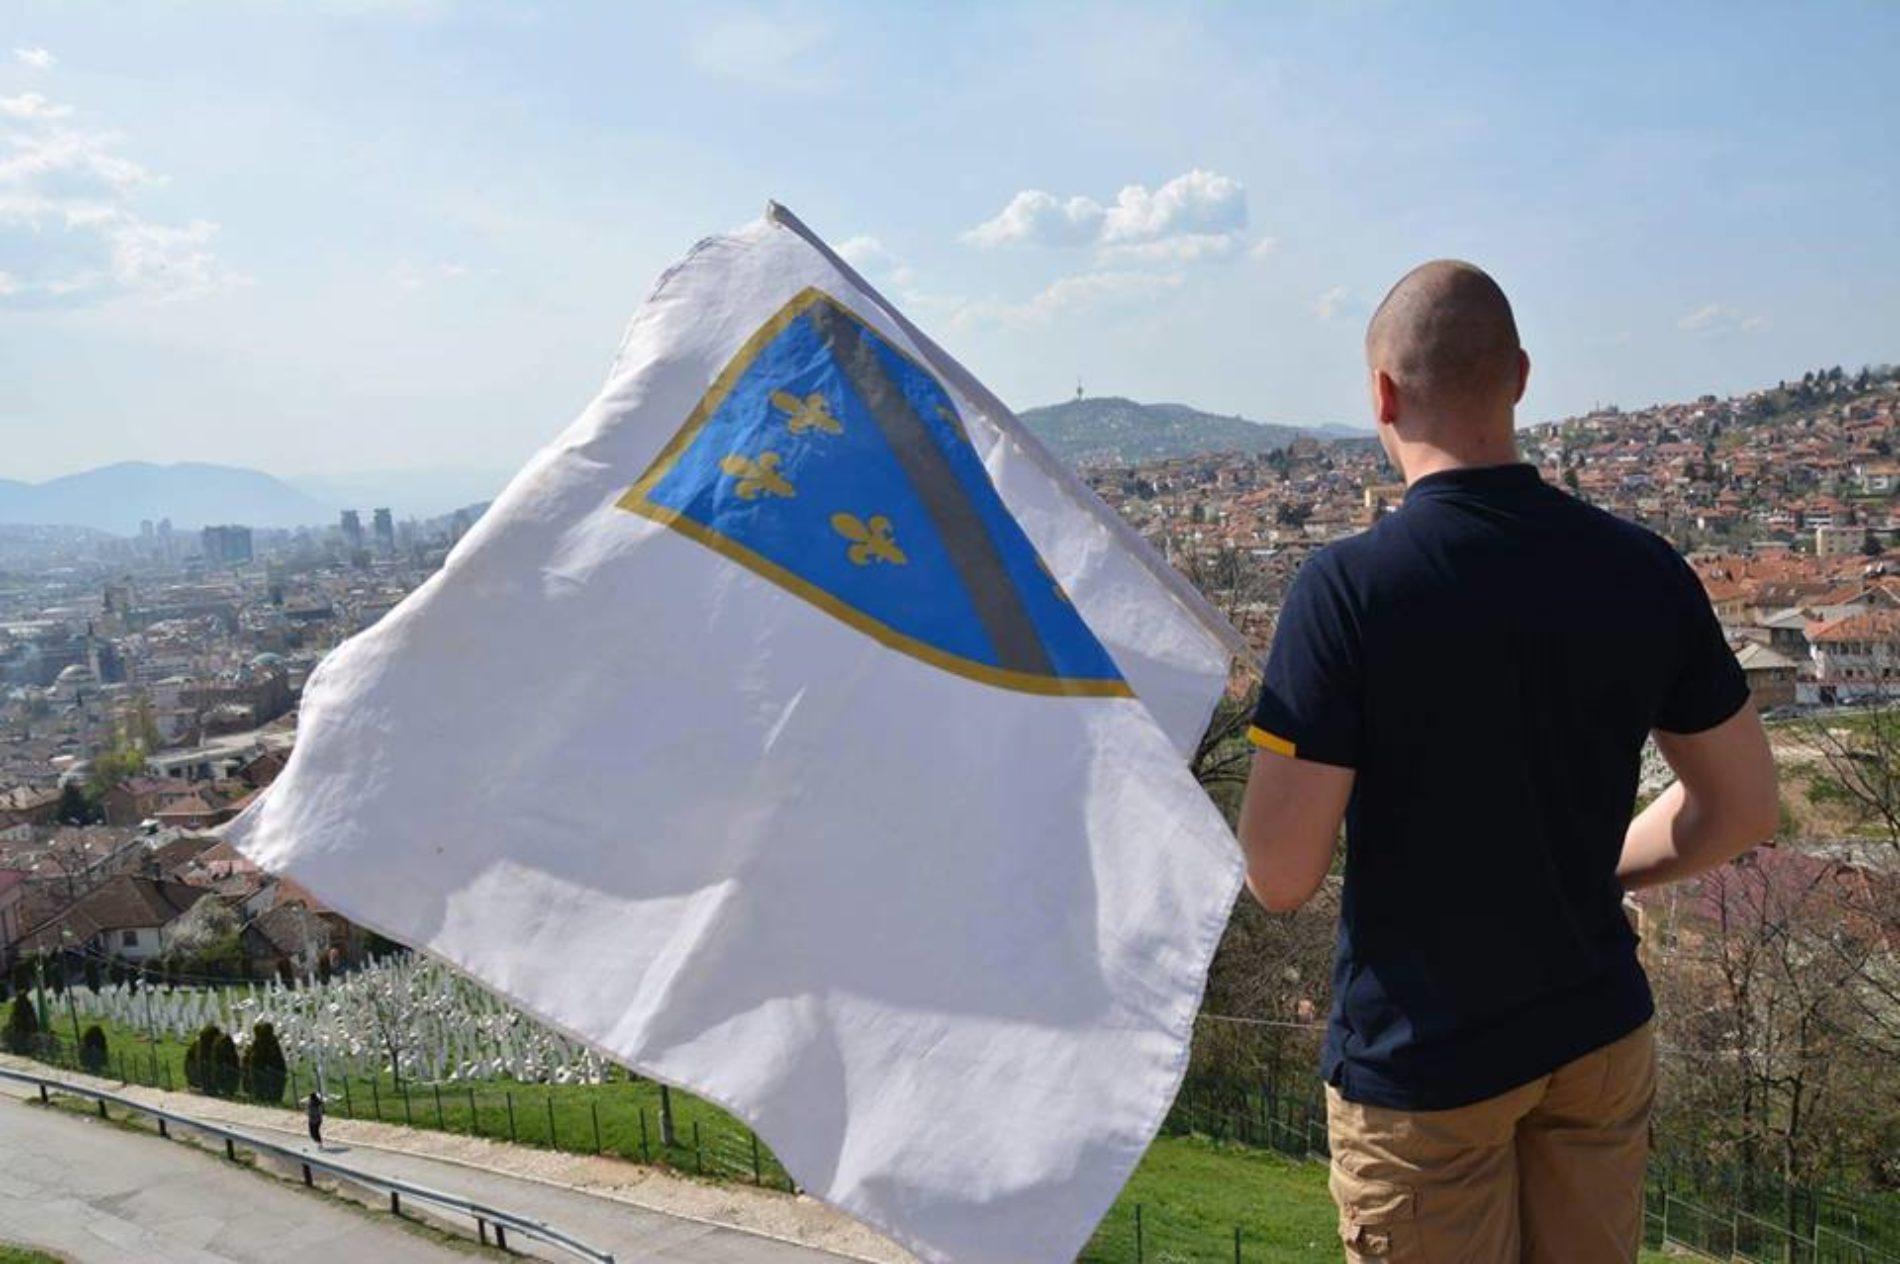 Godišnjica državne himne: 'Jedna si jedina' živi u srcima bosanskih patriota (Video)